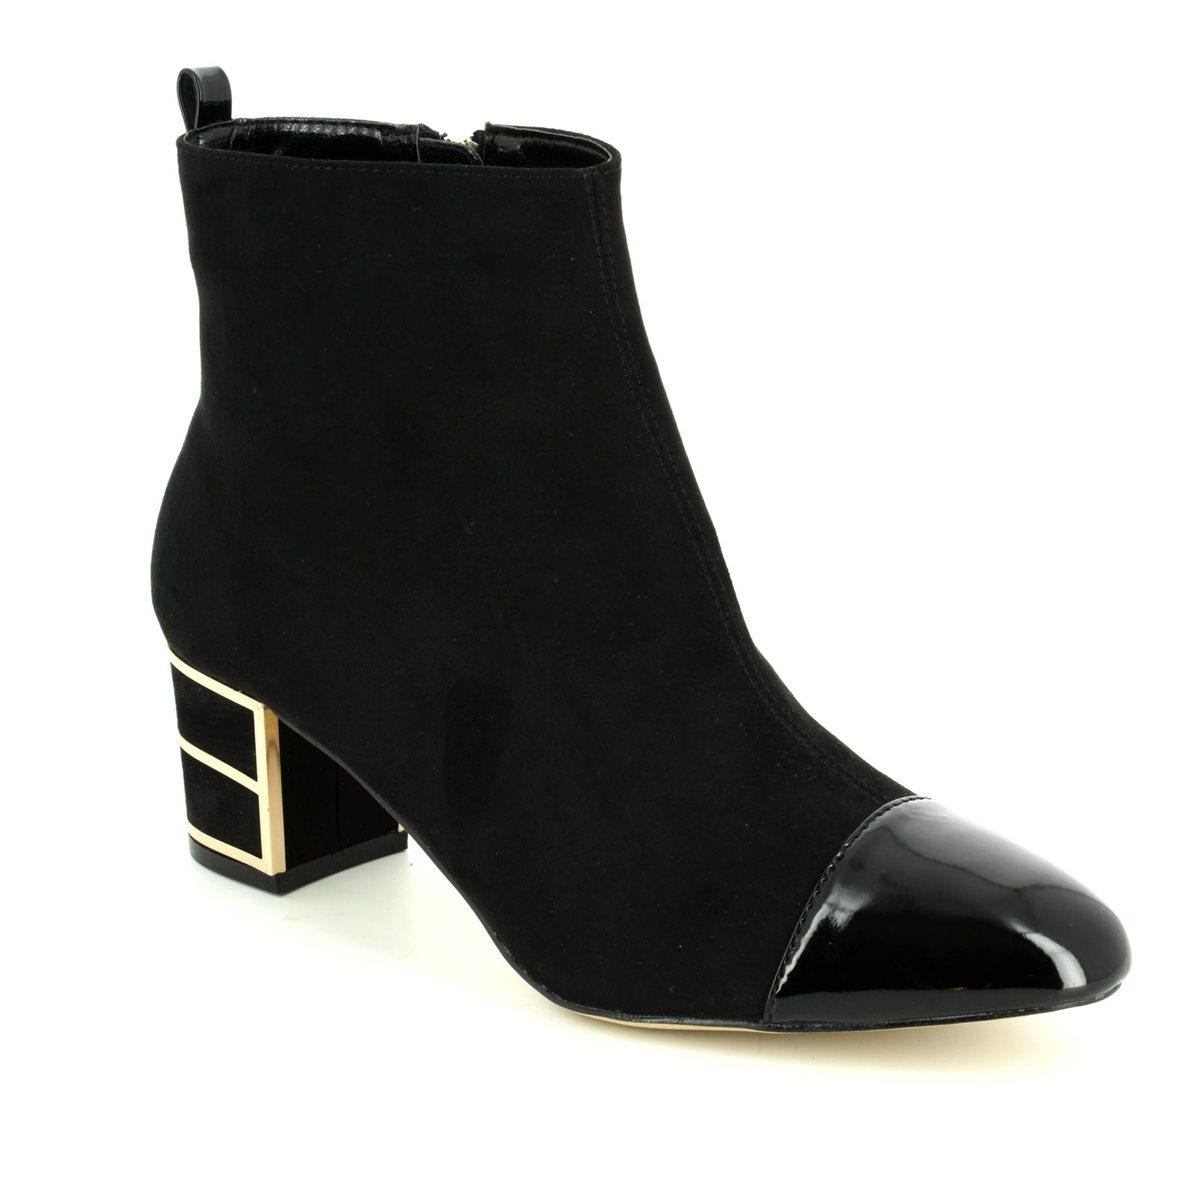 7cc8dfbcc6c Lotus Ankle Boots - Black - 40377 30 MICA